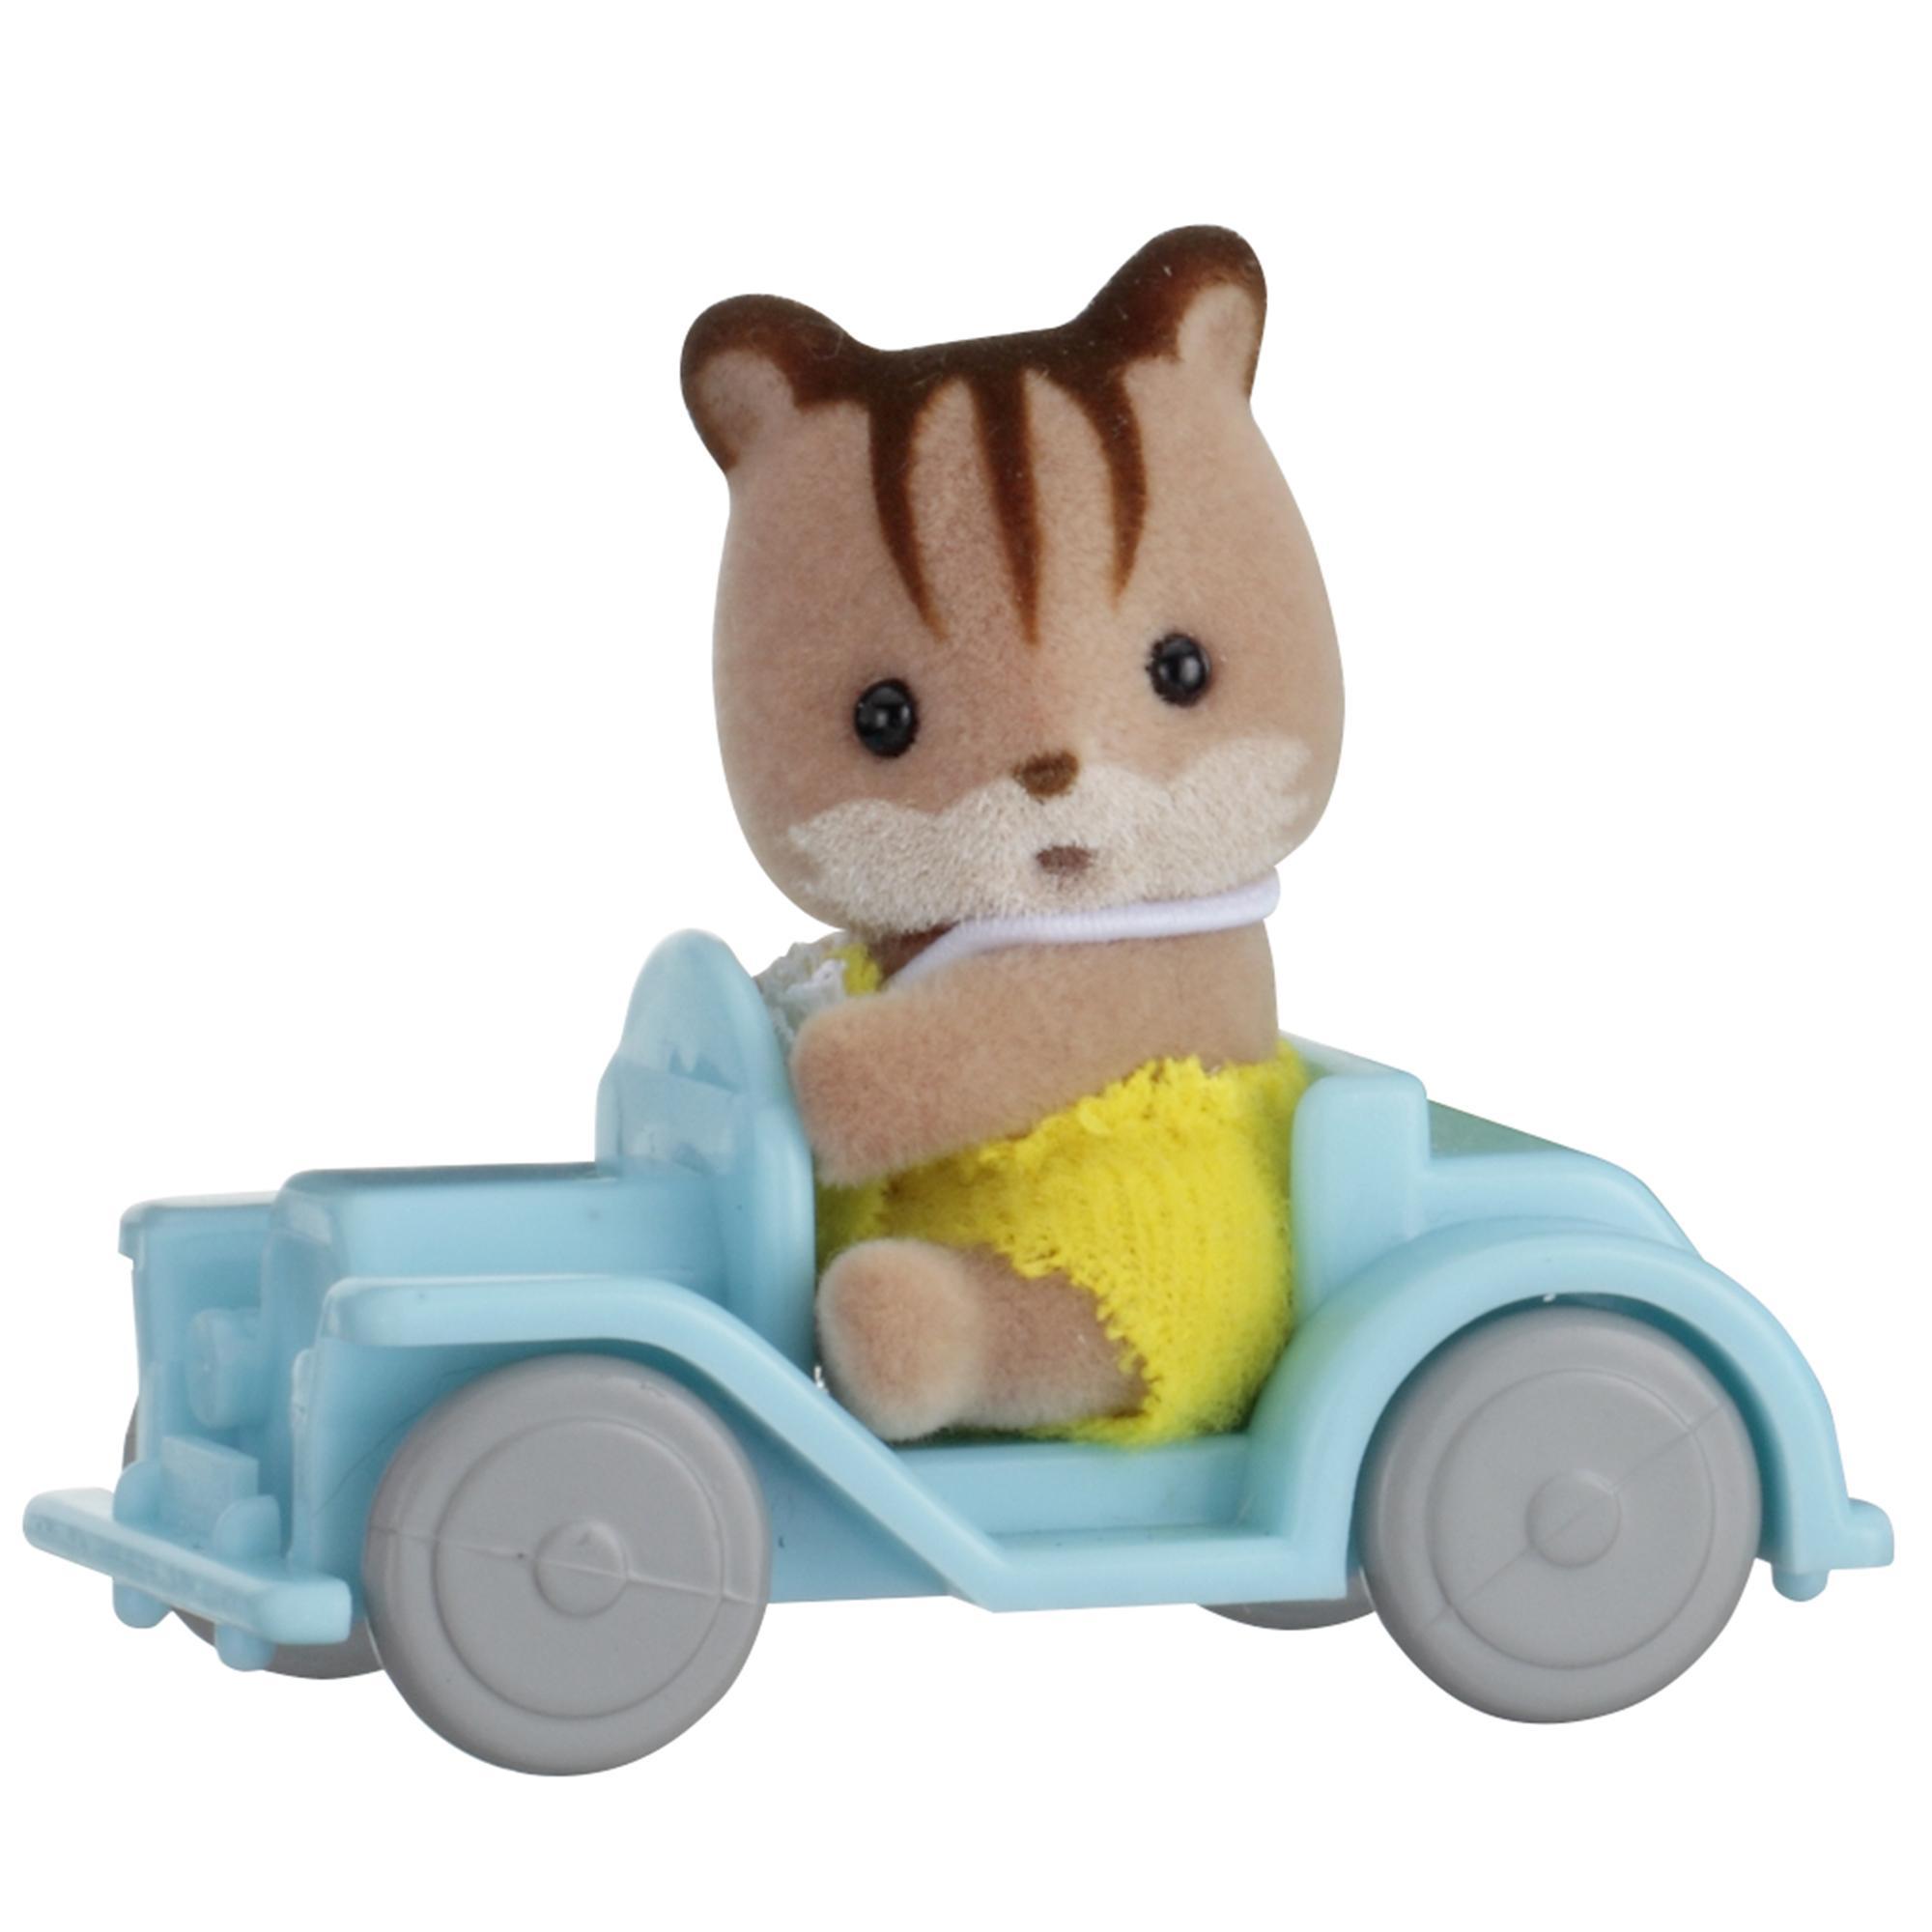 Купить Sylvanian Families. Младенец в пластиковом сундучке - Бельчонок на машине, Epoch